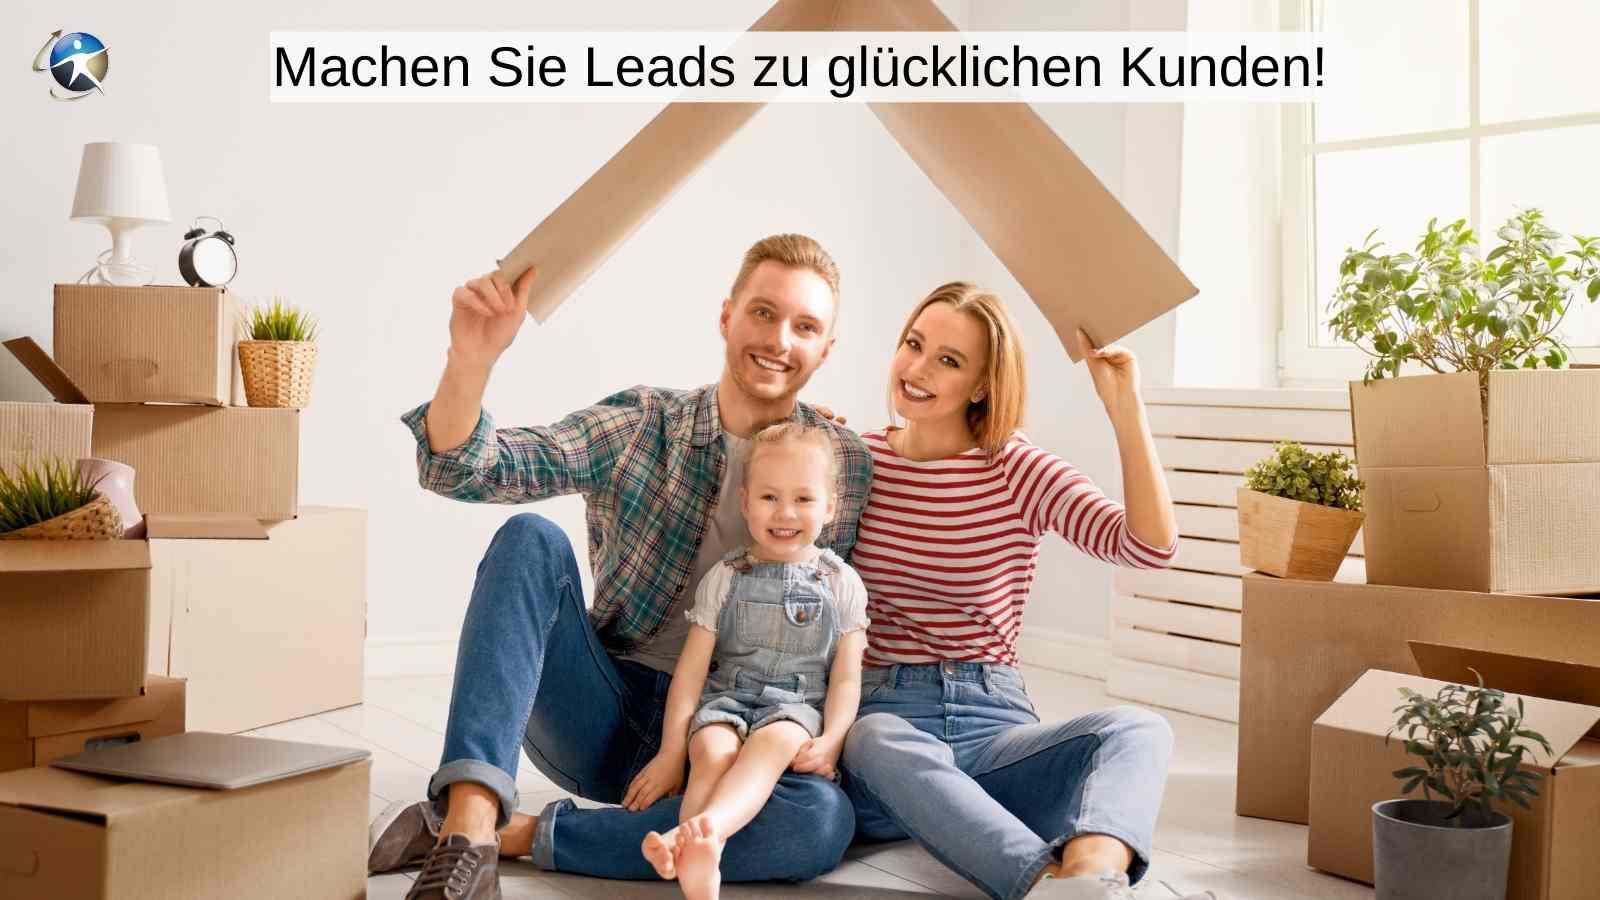 Baufi-Leads qualifizieren Sie mit Online-Beratung zu Kunden